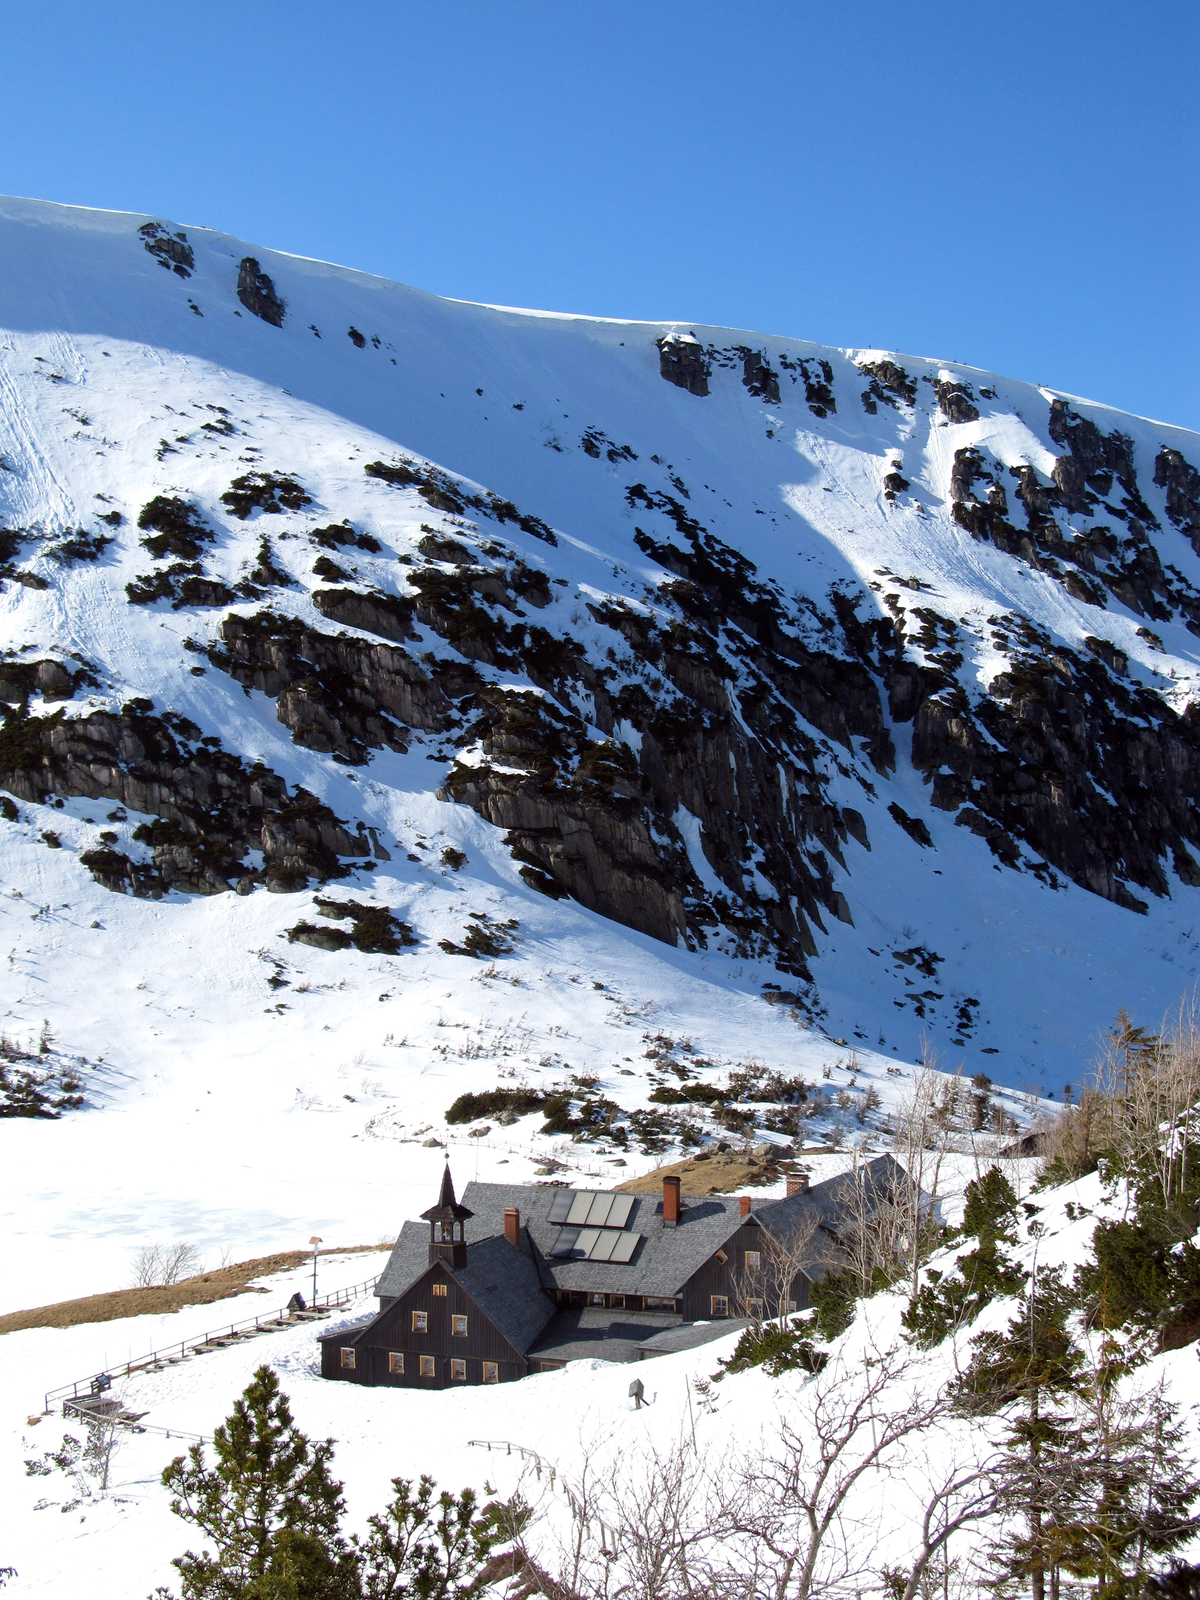 Fotografia prezentuje dolinę górską, otoczoną wysokimi ośnieżonymi szczytami, na dnie której znajduje się schronisko górskie Samotnia.